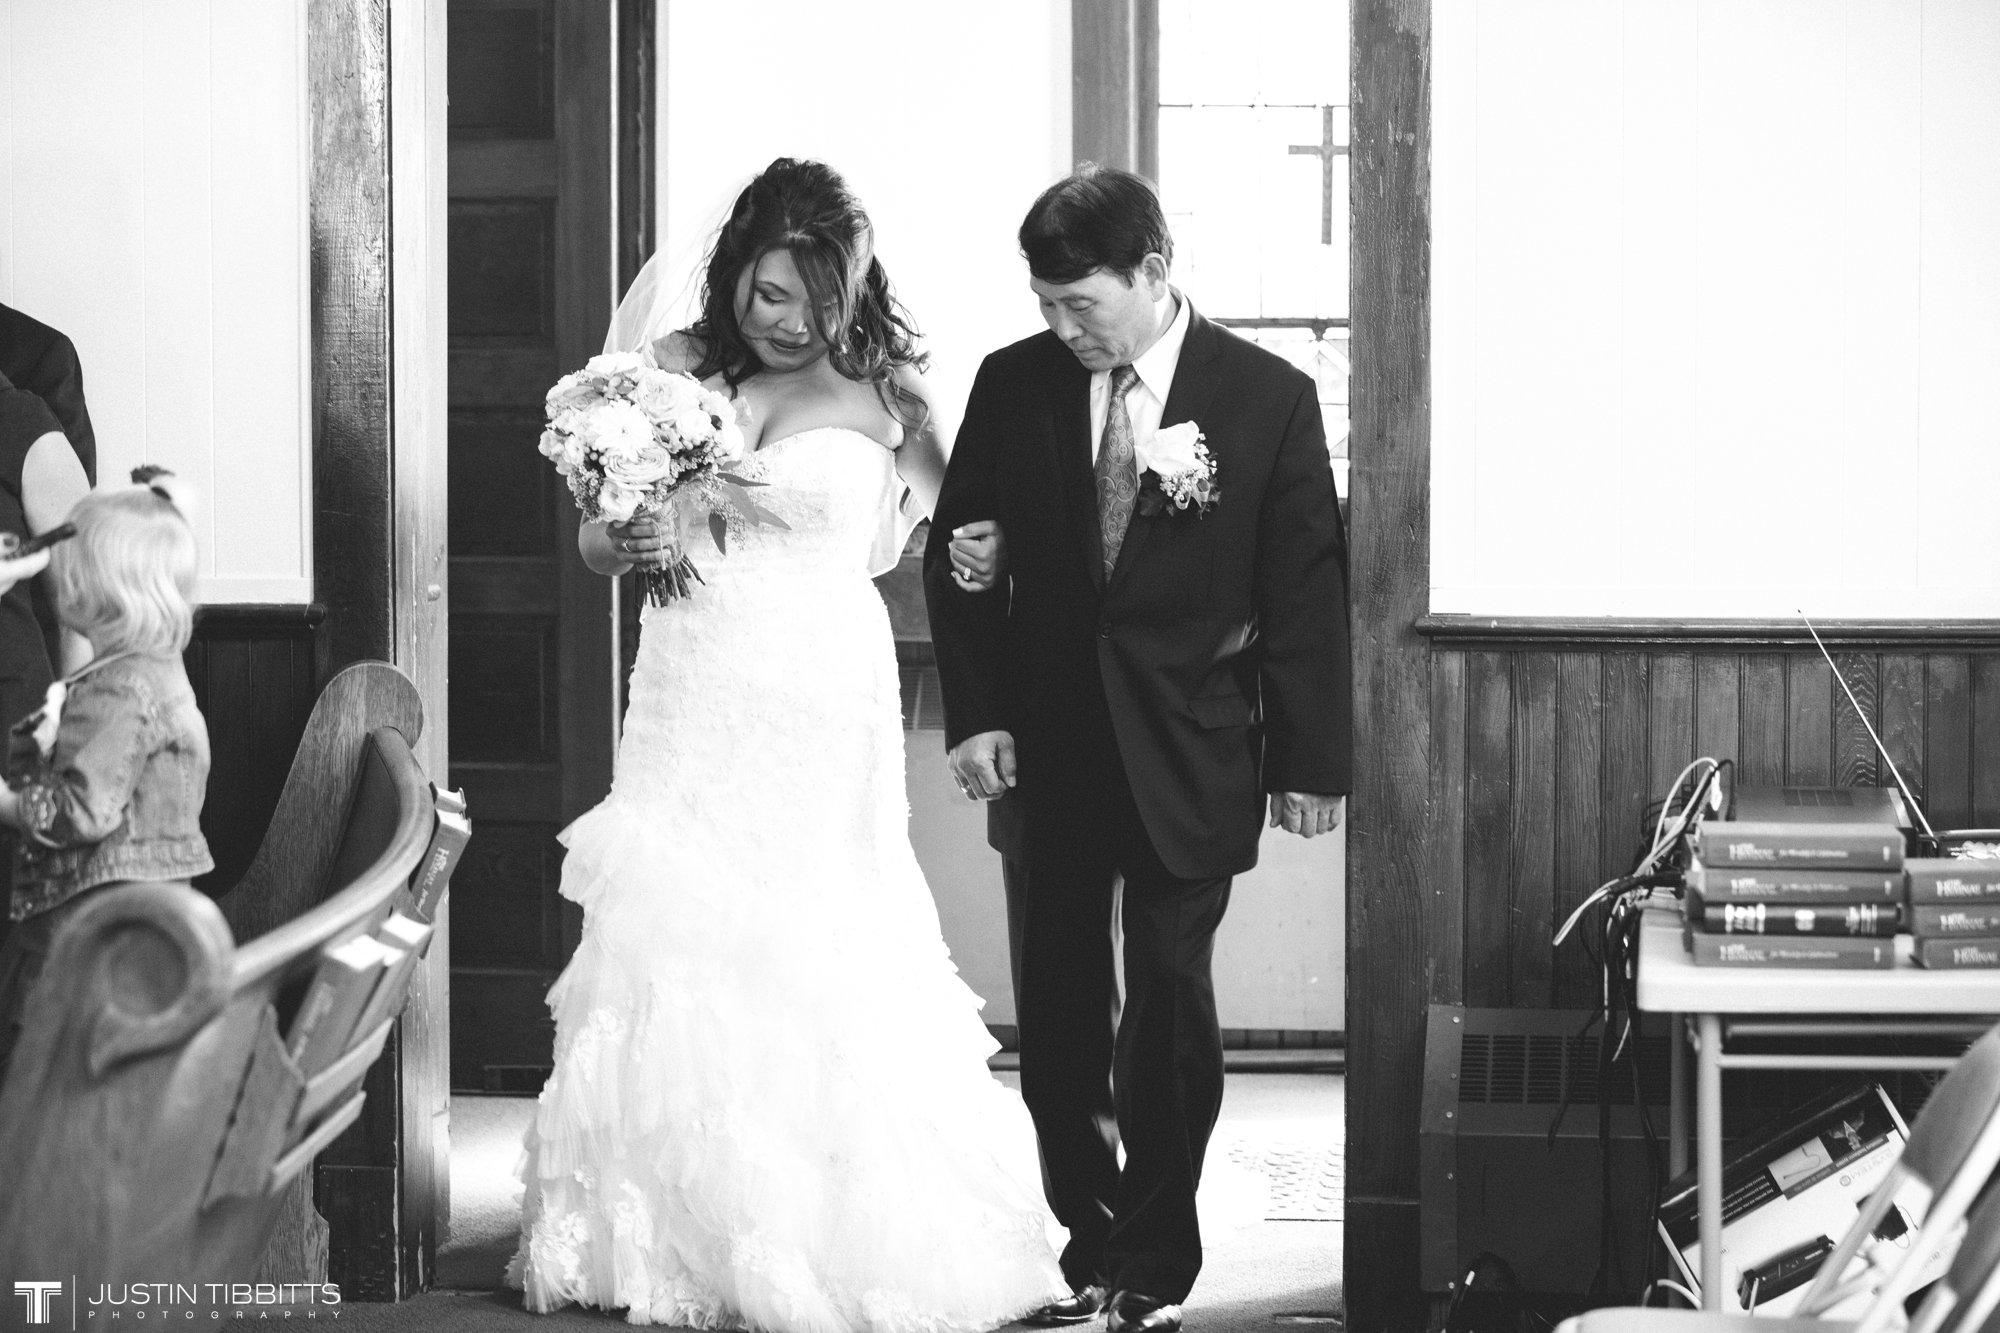 Albany NY Wedding Photographer Justin Tibbitts Photography 2014 Best of Albany NY Weddings-333414444